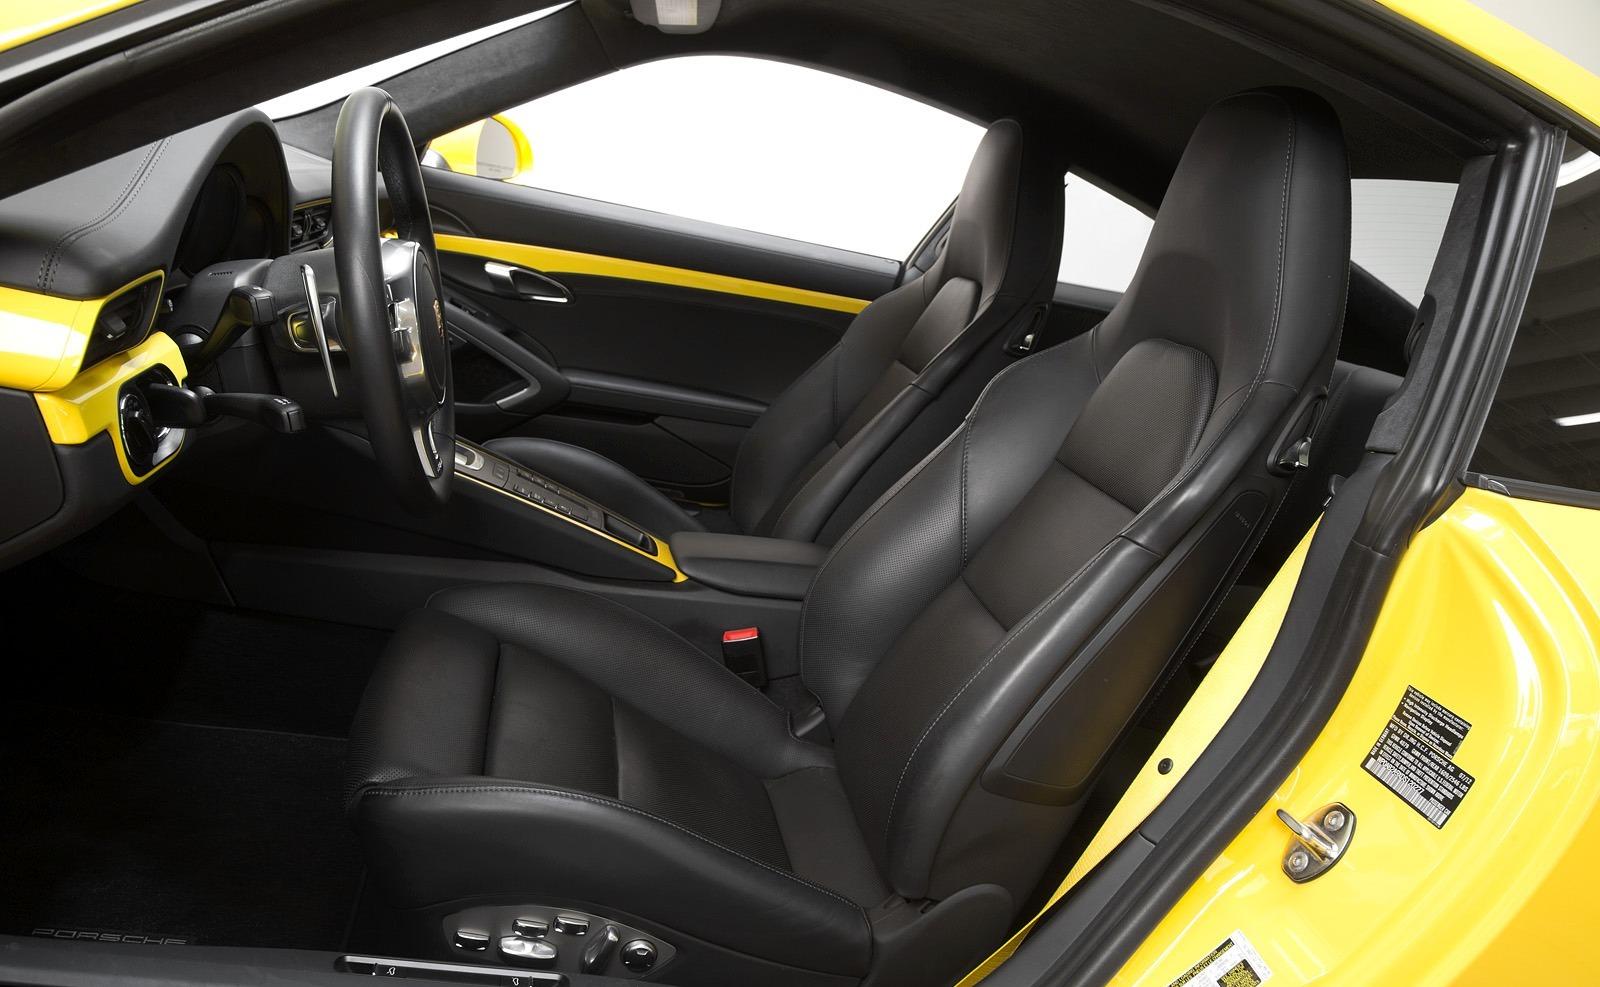 2014 Chevrolet Corvette Stingray Z51 Vs 2014 Porsche 911 ...